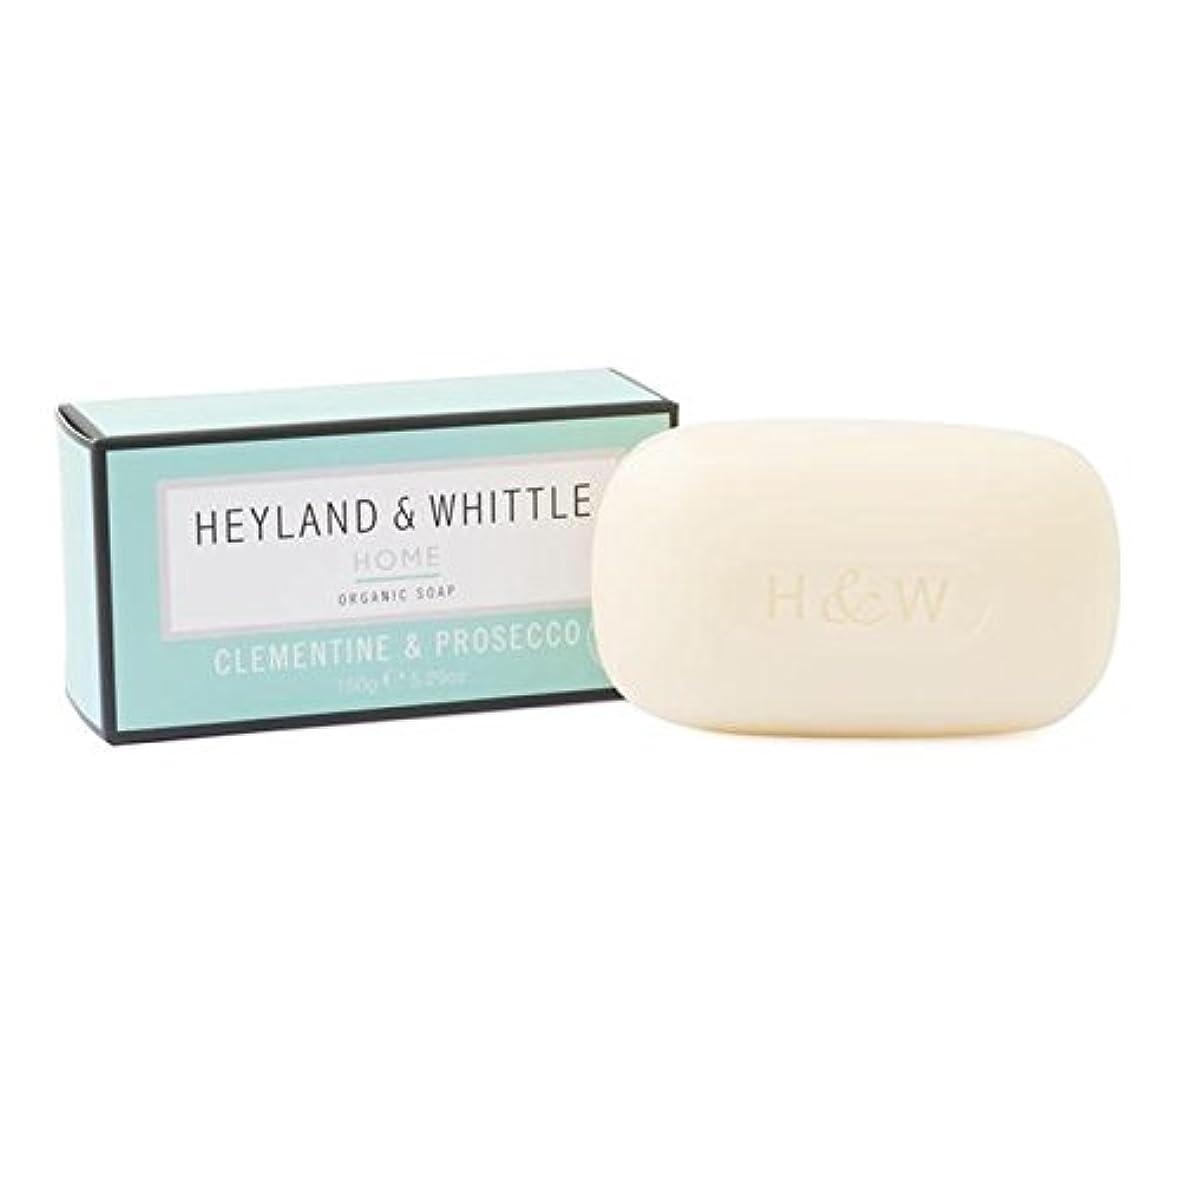 作る請願者感性&削るホームクレメンタイン&プロセッコ有機石鹸150グラム x4 - Heyland & Whittle Home Clementine & Prosecco Organic Soap 150g (Pack of 4)...